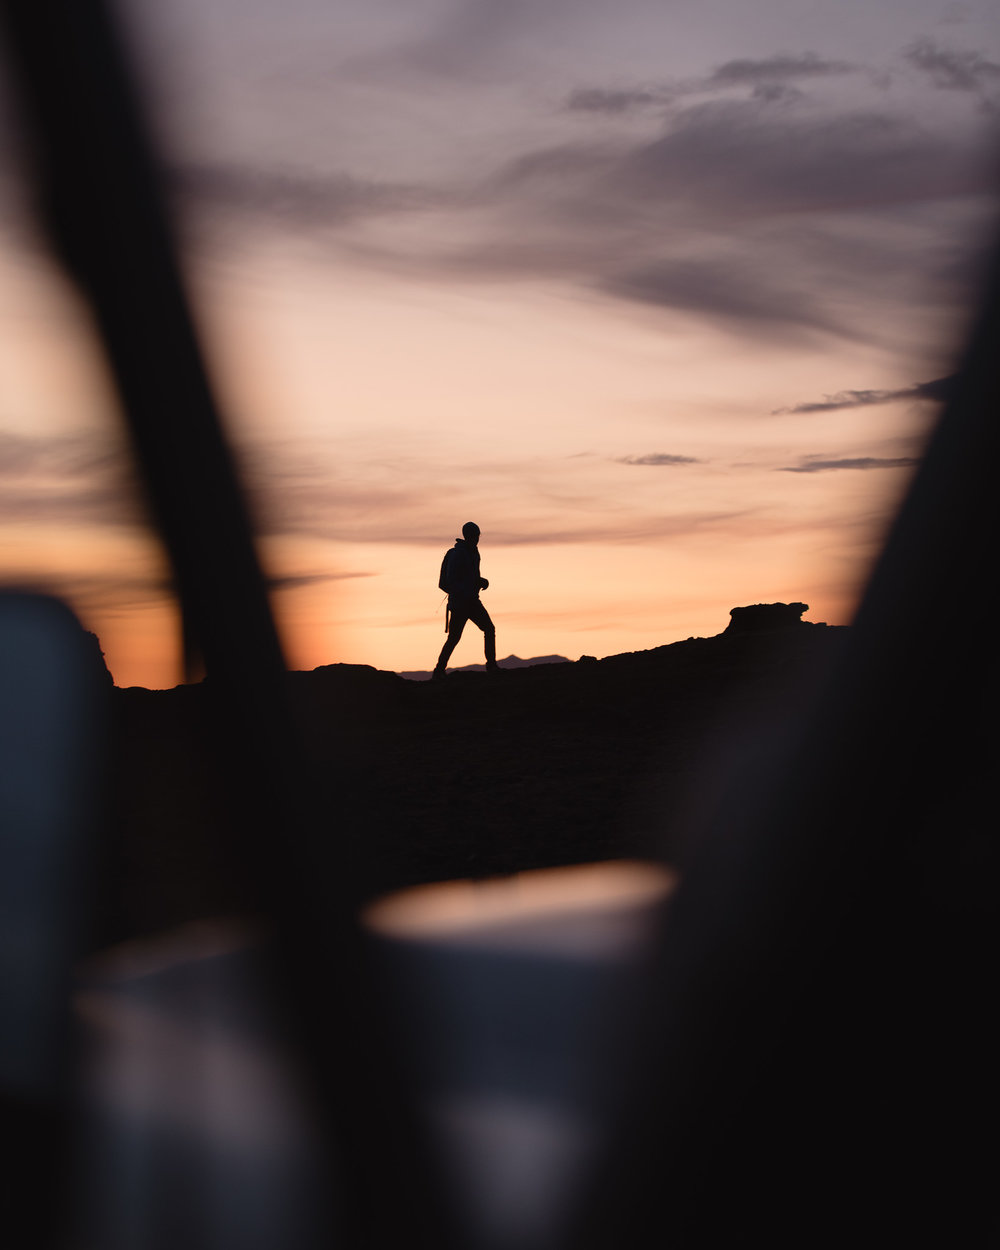 man during sunset